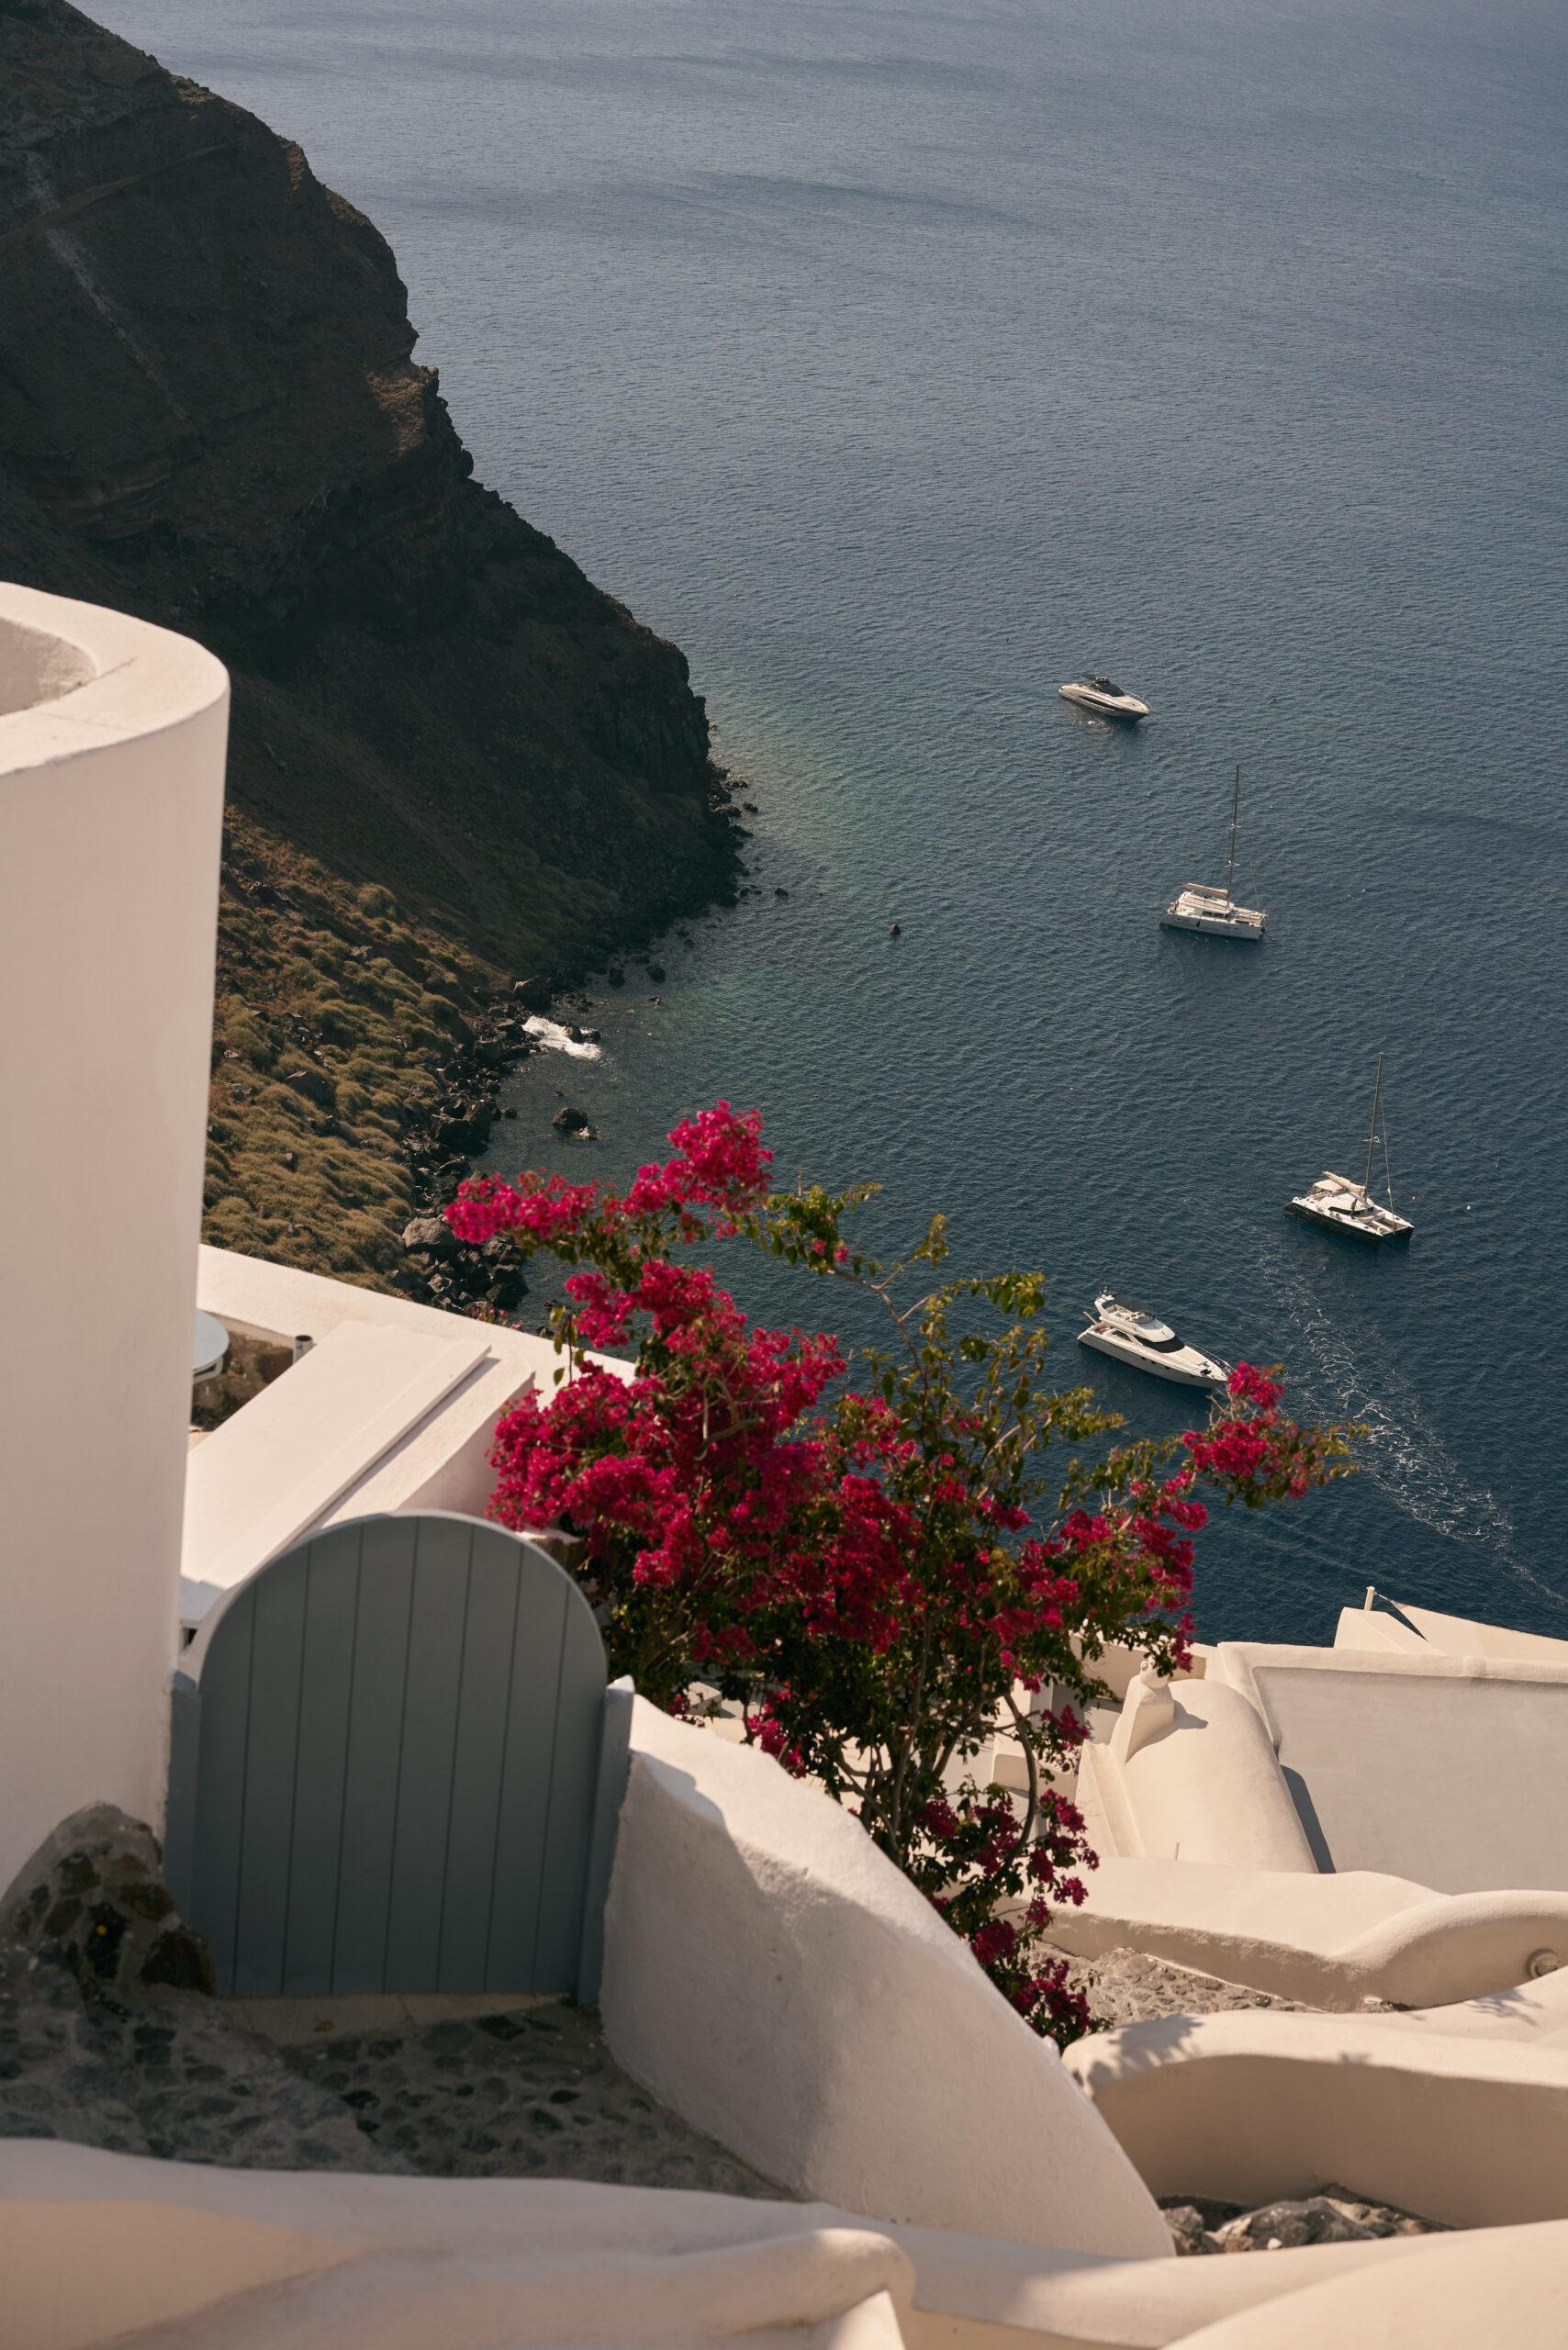 Flowers in the public spaces of Mystique hotel in Santorini